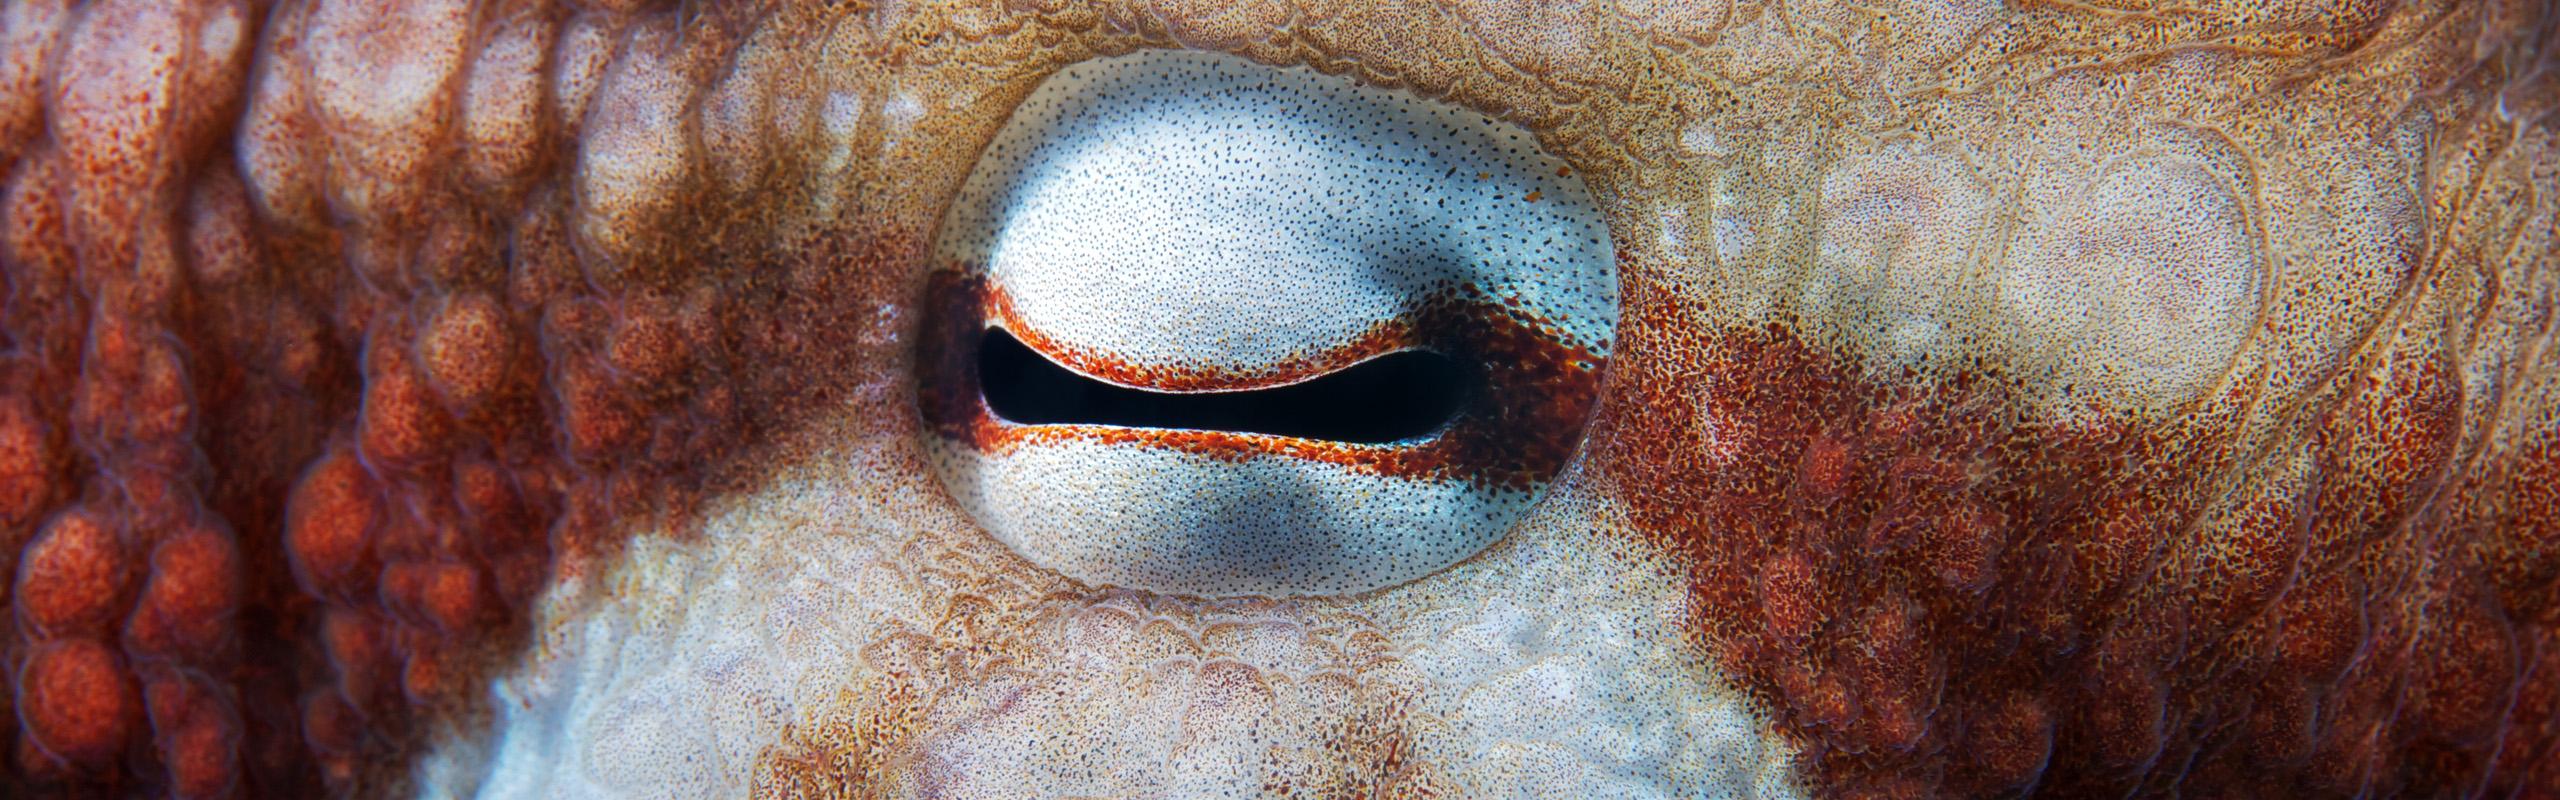 Cephalopoda cover